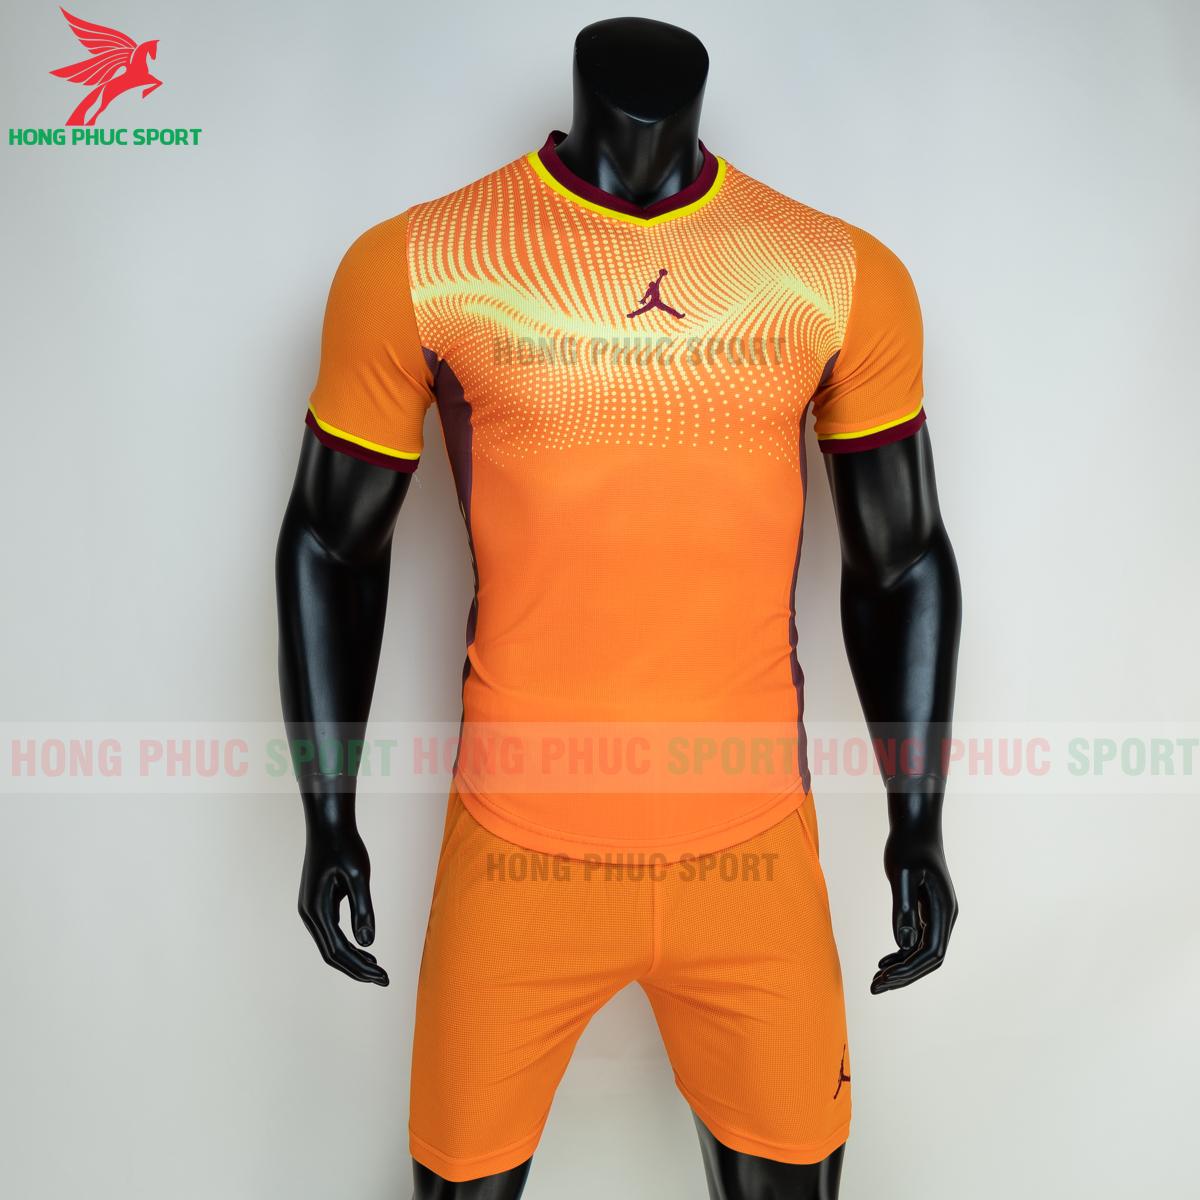 https://cdn.hongphucsport.com/unsafe/s4.shopbay.vn/files/285/ao-bong-chuyen-khong-logo-jordan-wave-mau-cam-2-1-60501f3156961.png